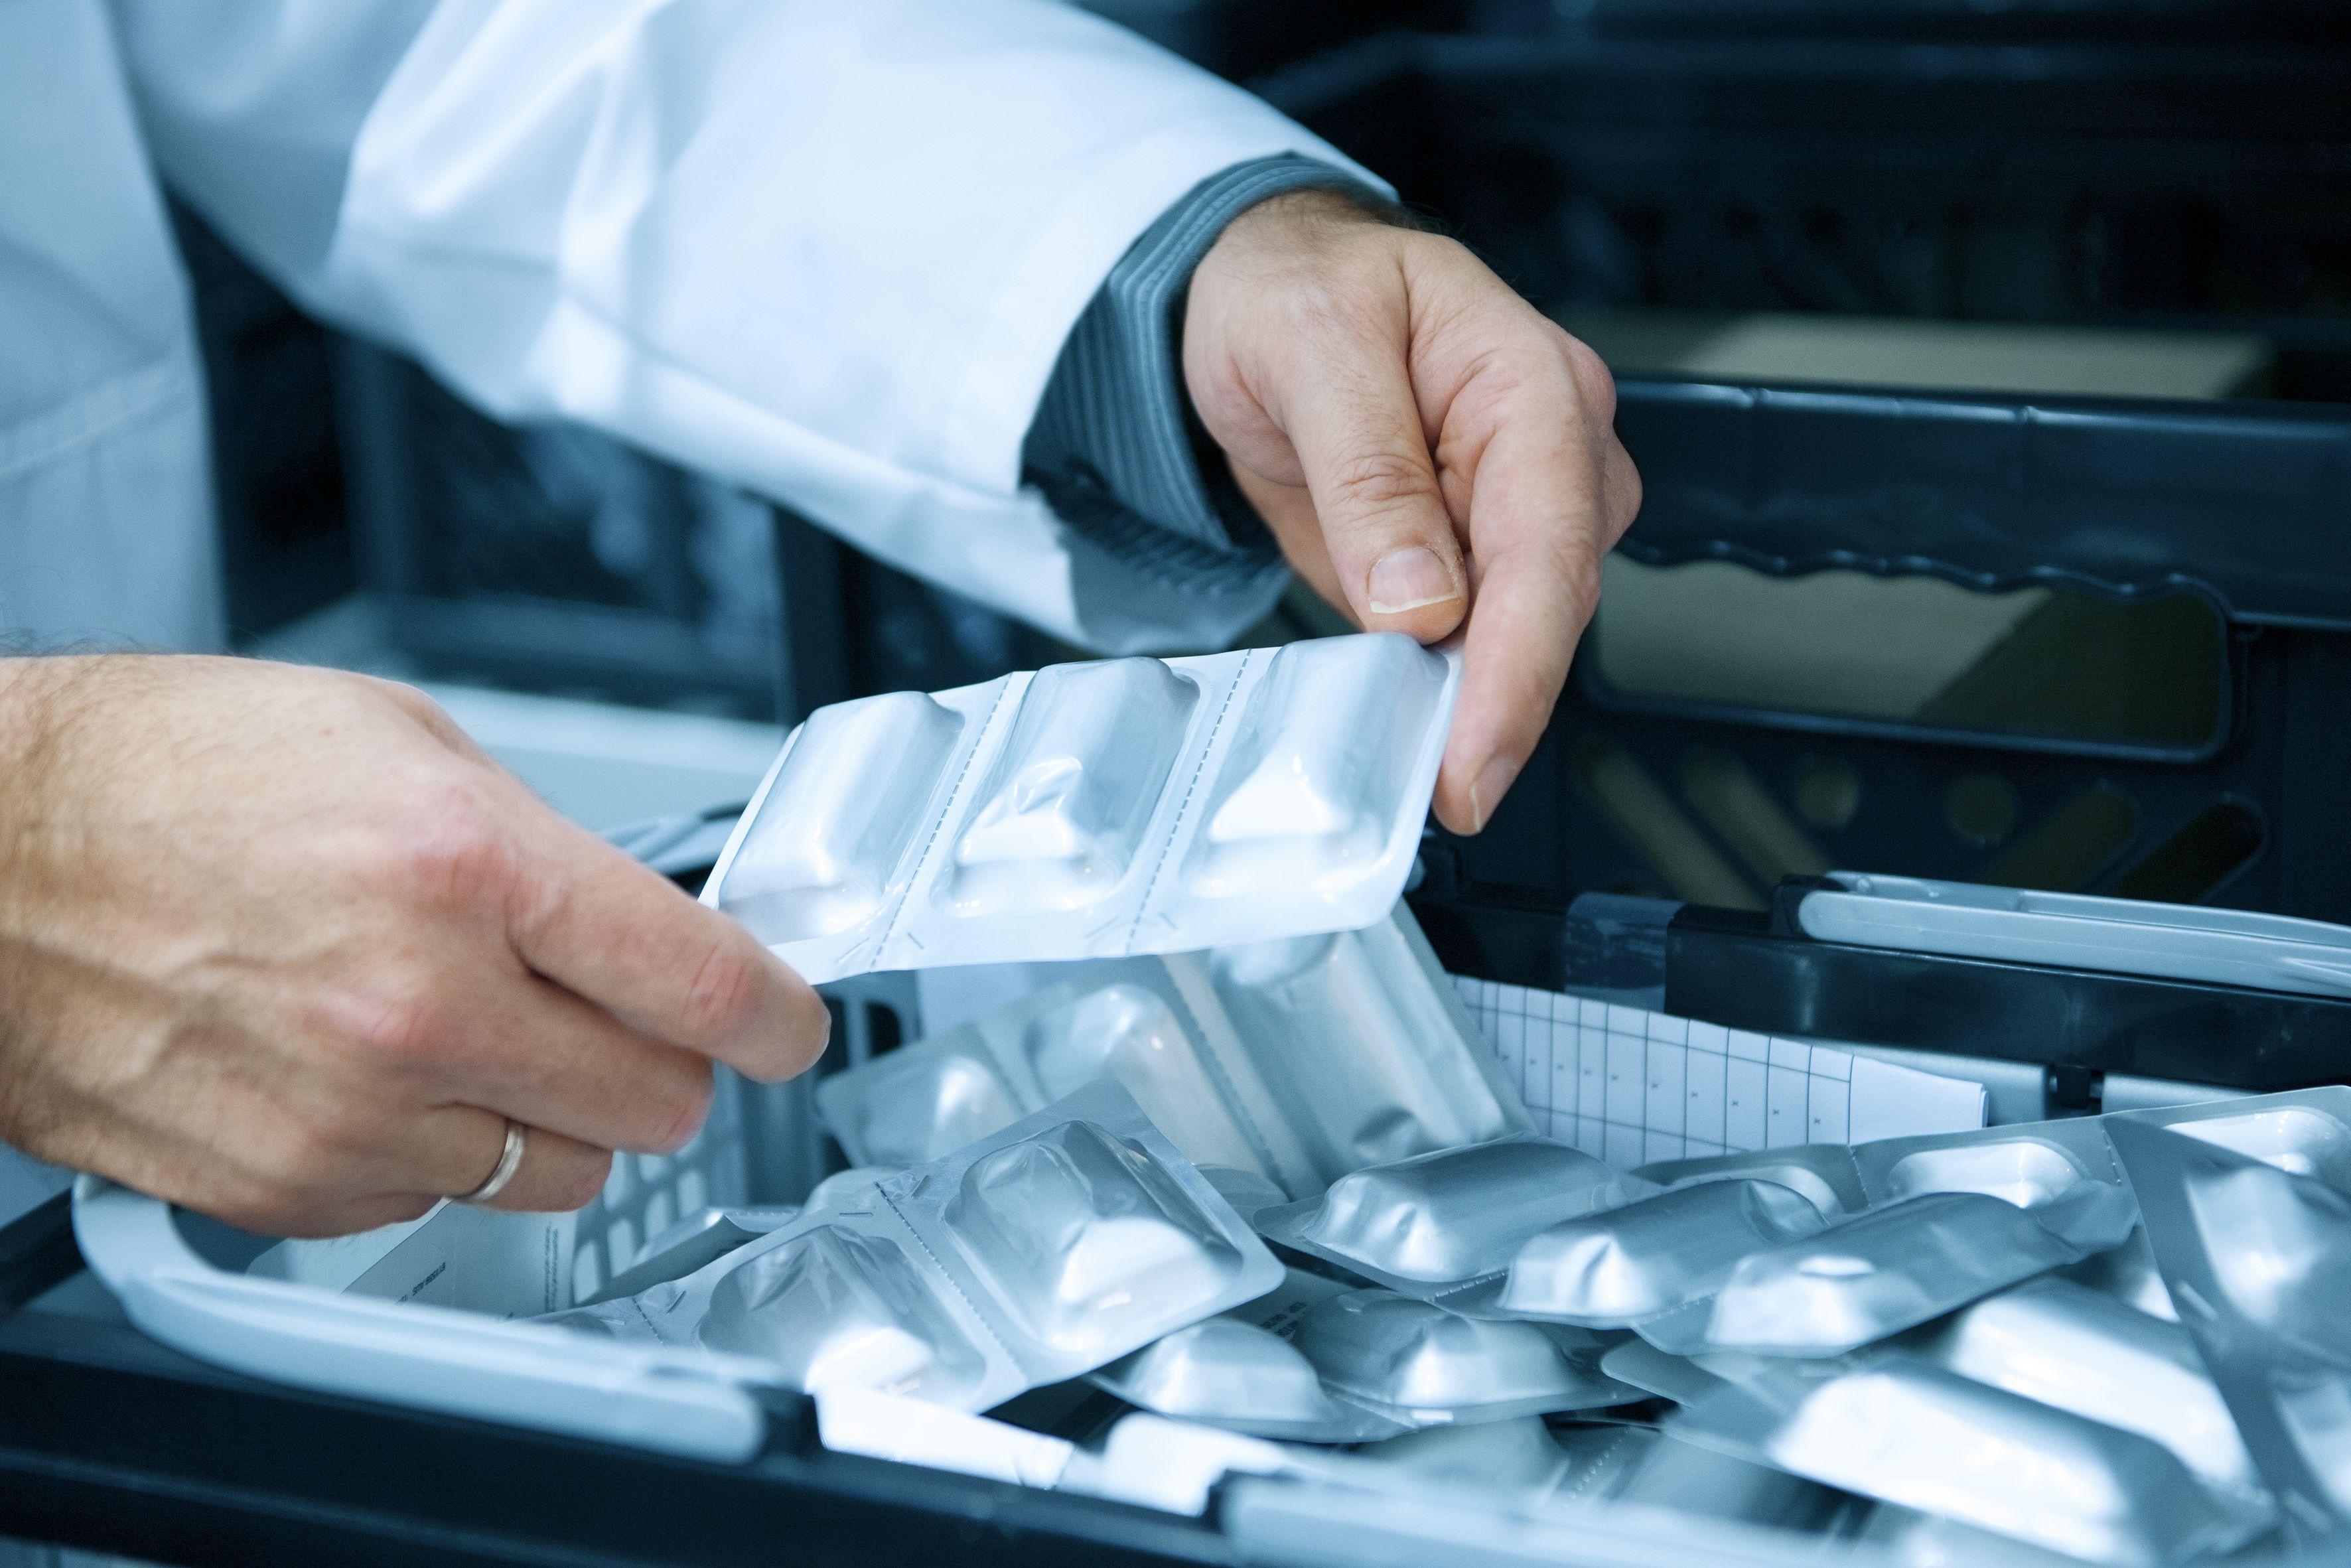 Stabilitätsprüfungen in der Medikamentenentwicklung: Enge Kooperation zwischen Labor/Pharmaunternehmenhier im Bereich Stabikammern